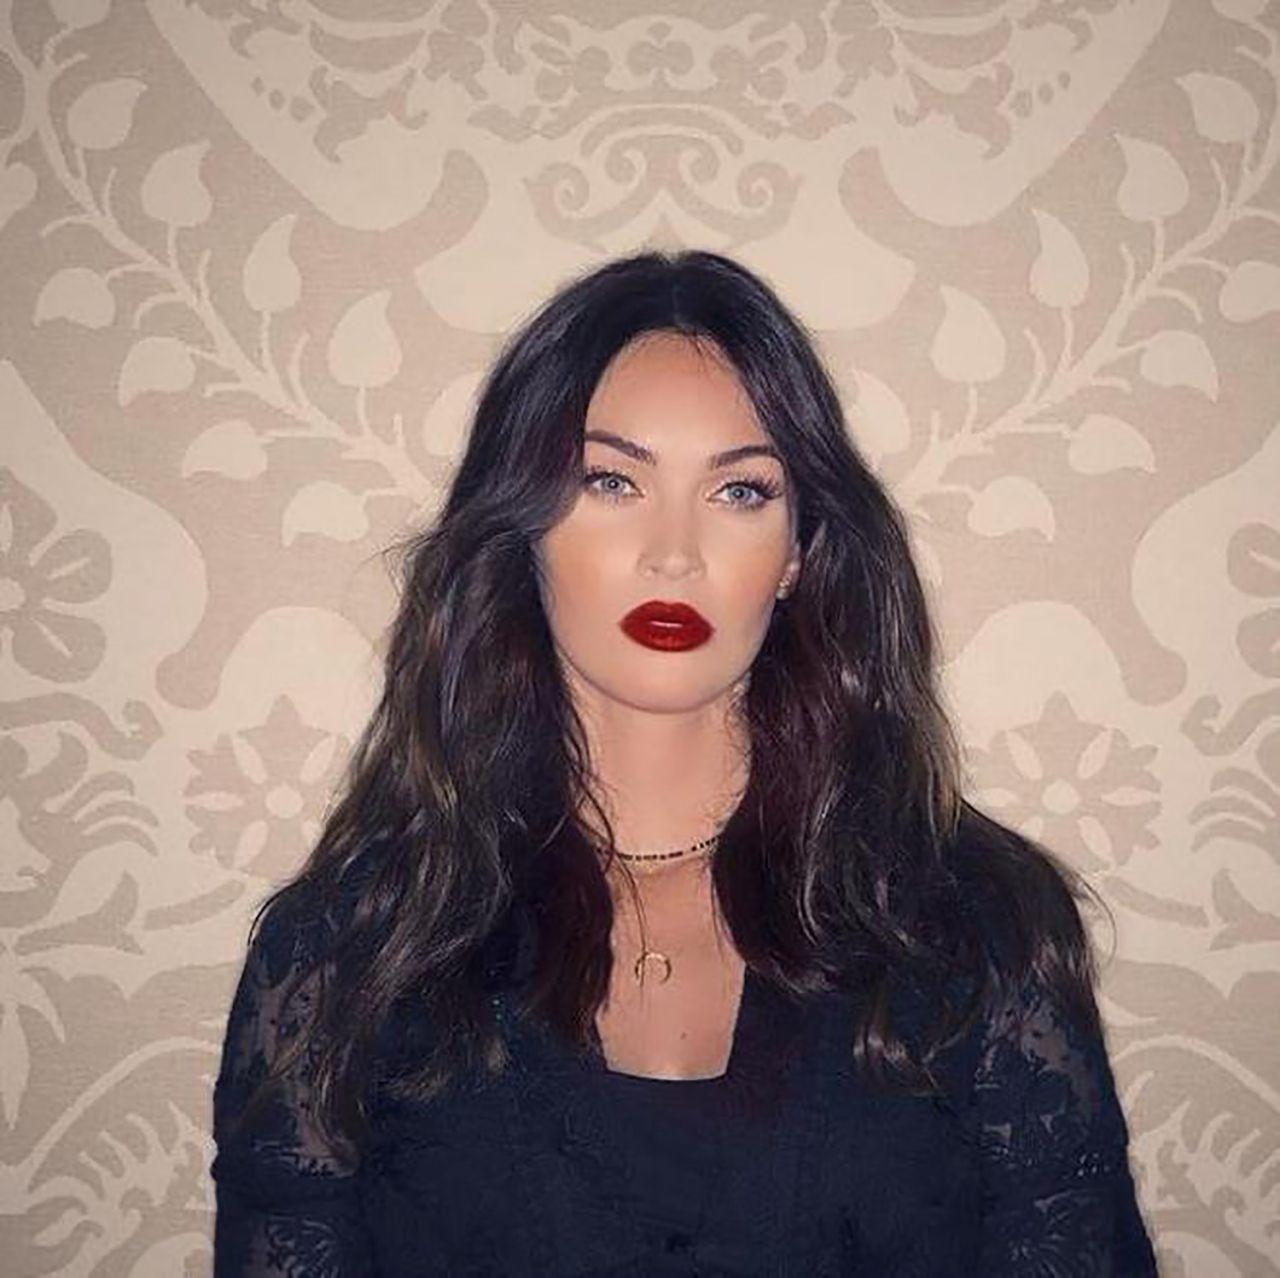 Megan Fox, akıllara durgunluk veren bir kıyafetle sokağa çıktı! - Resim: 2